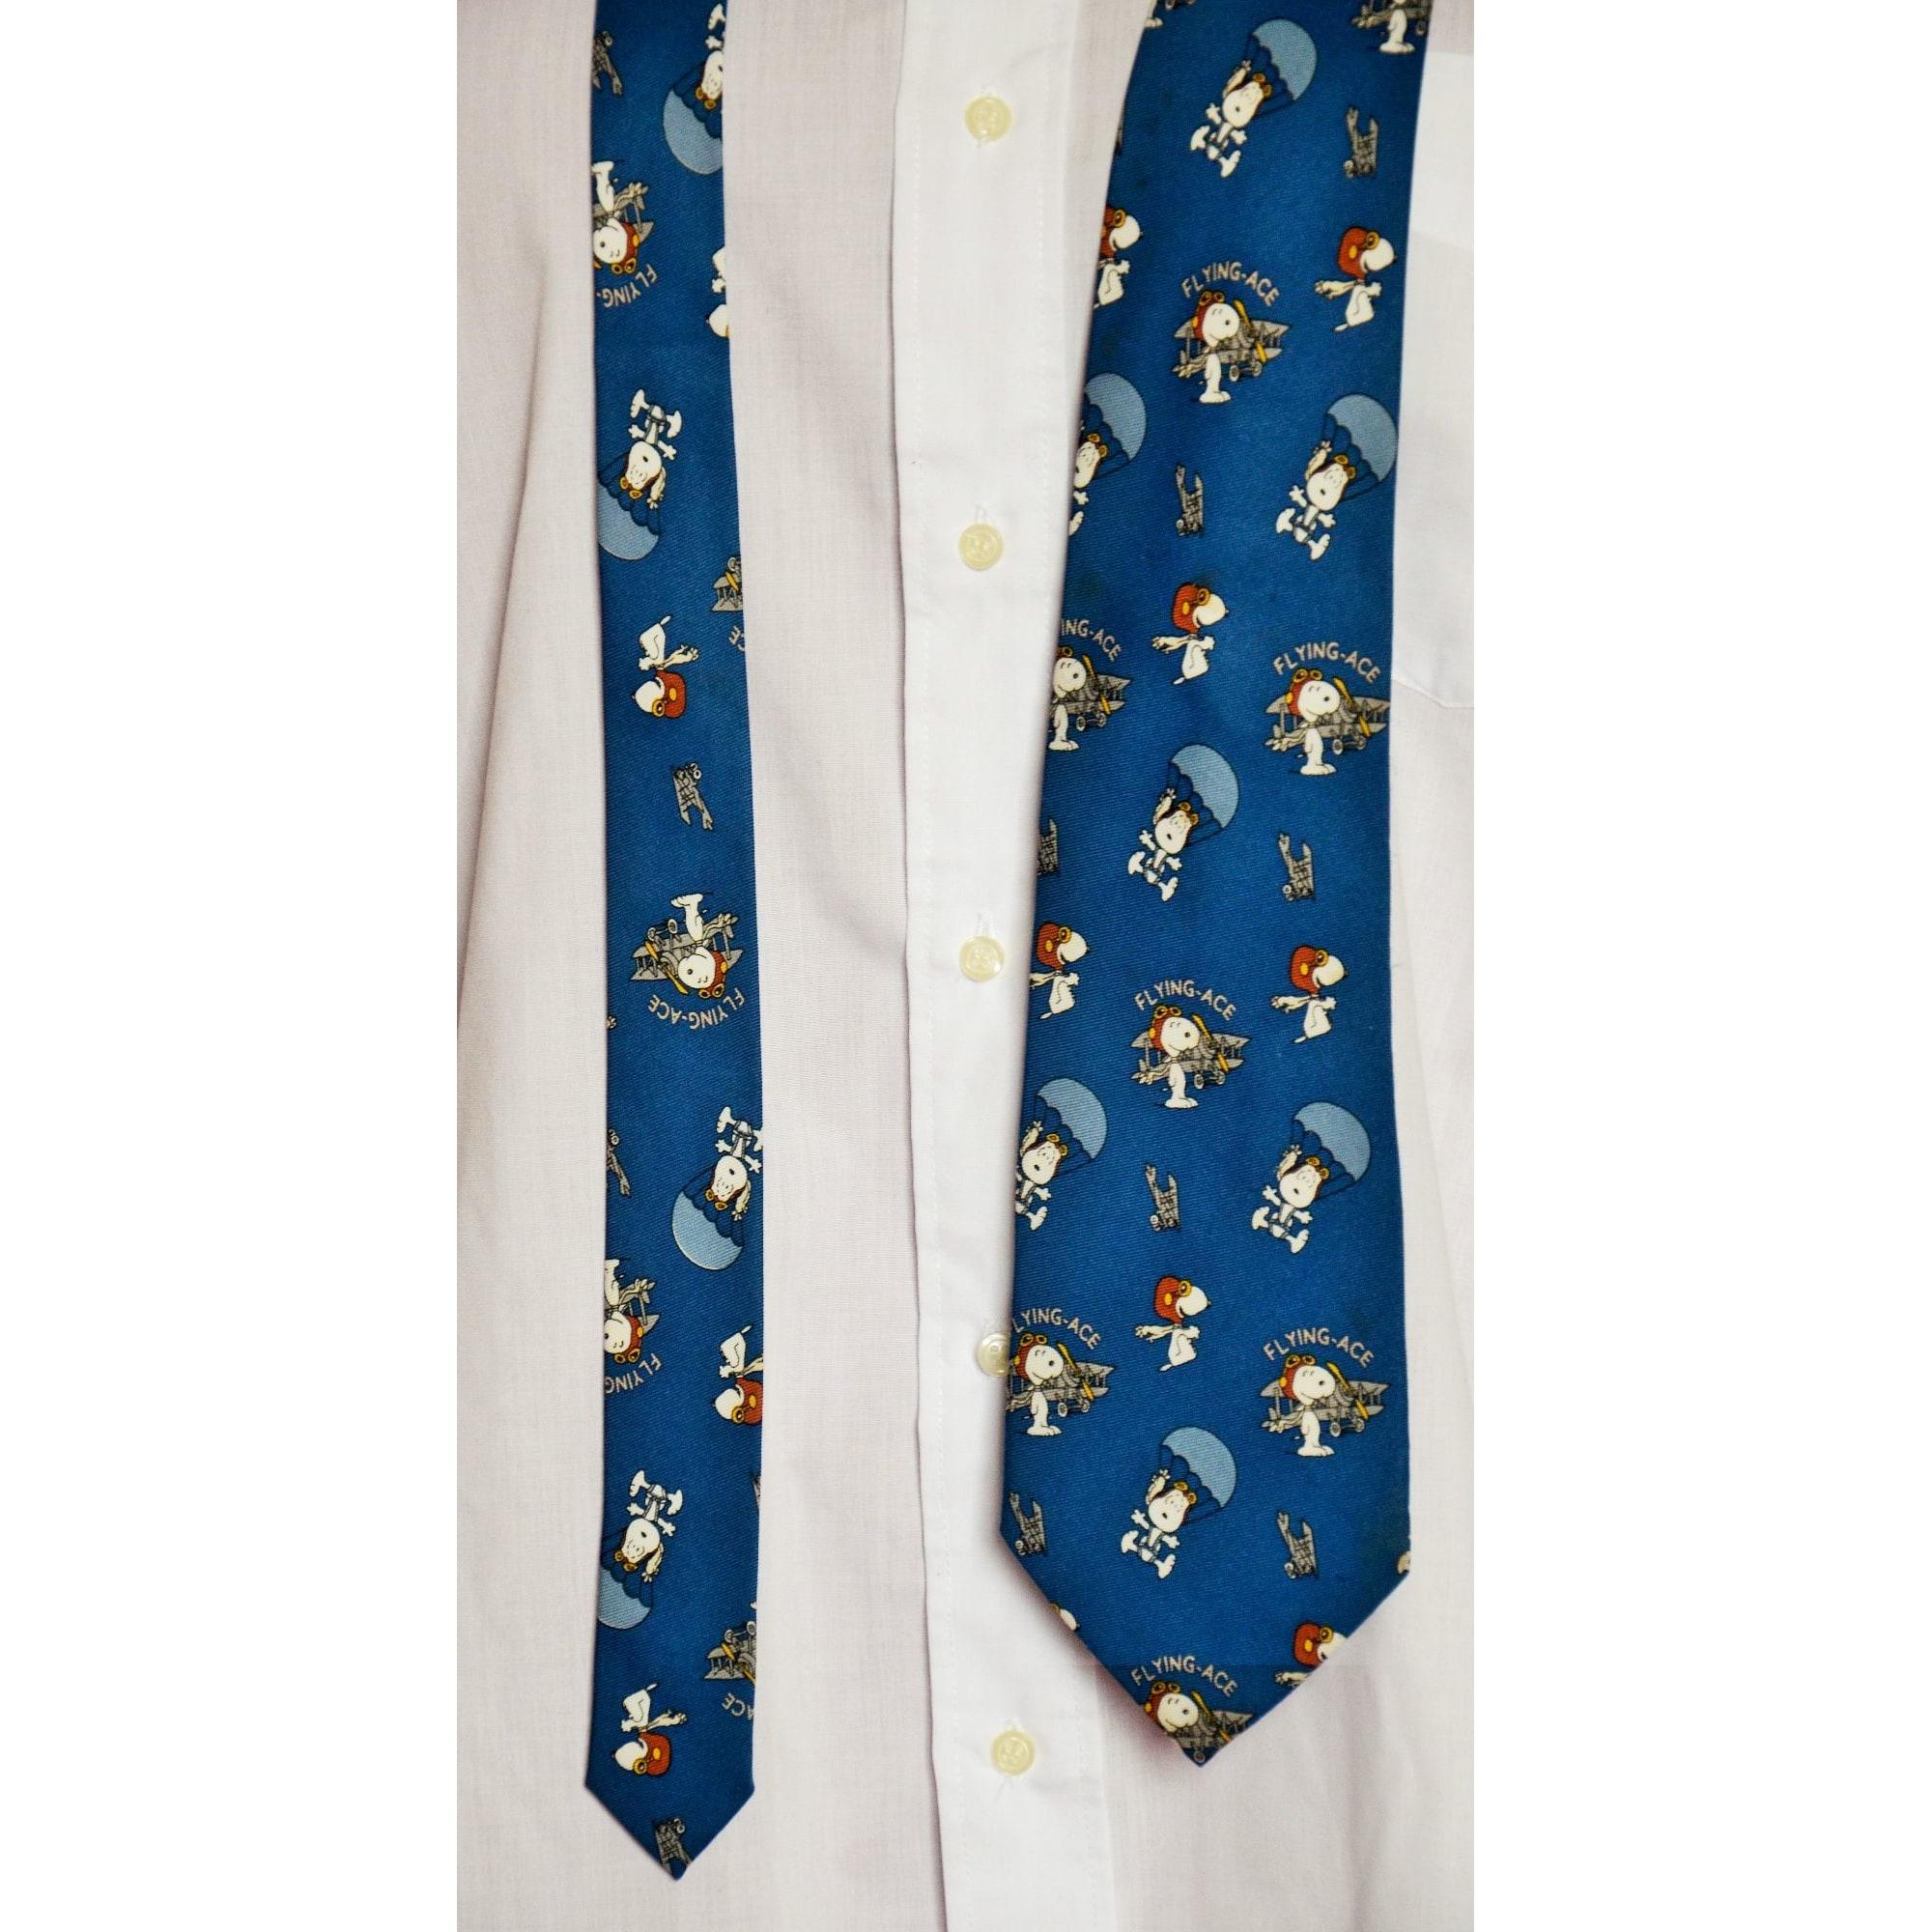 Cravate SNOOPY Bleu, bleu marine, bleu turquoise